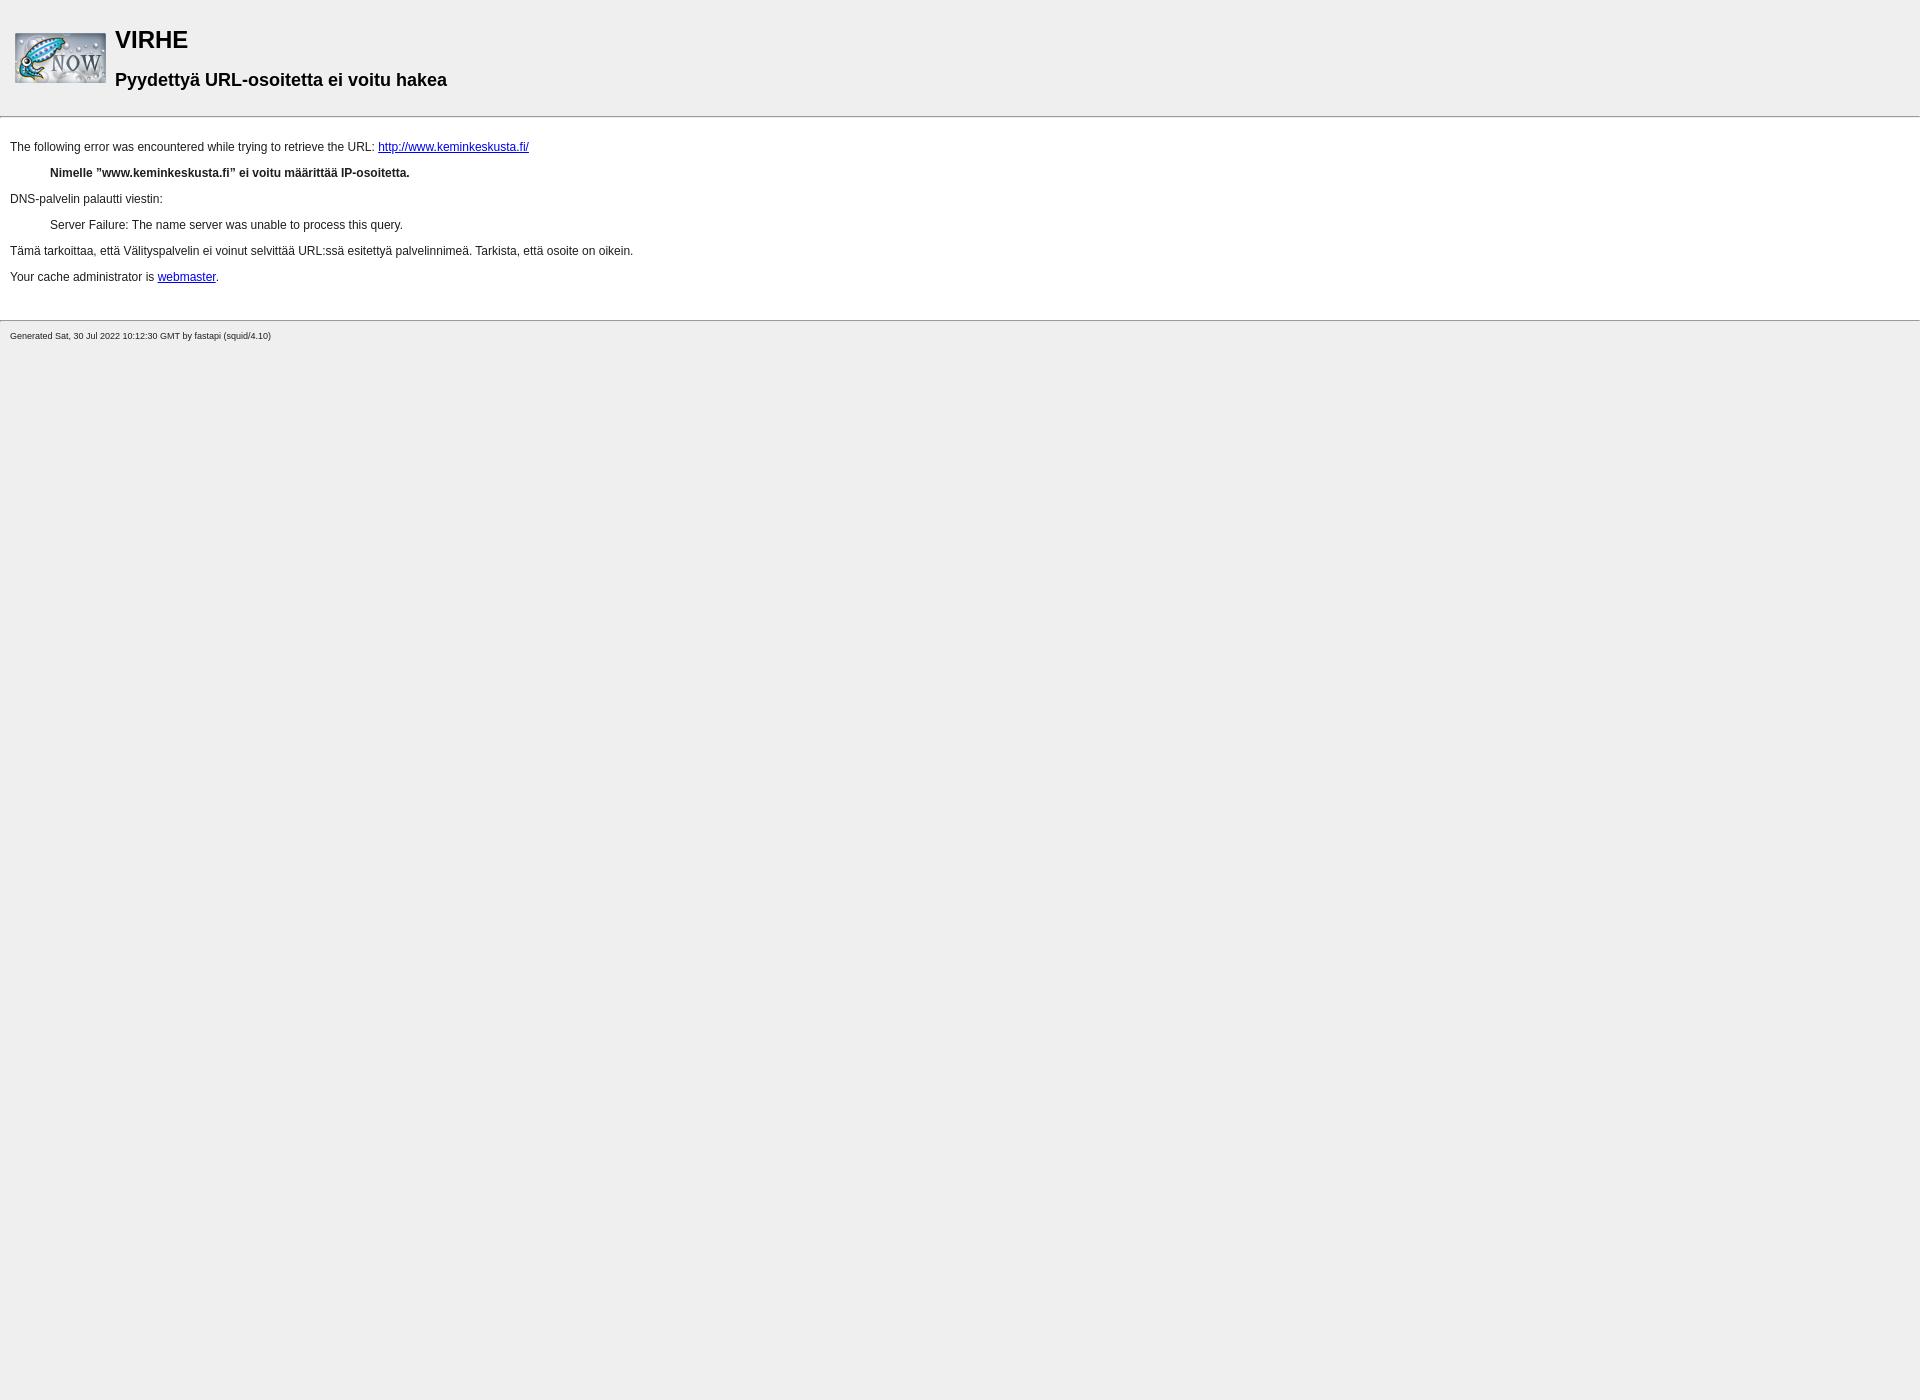 Screenshot for keminkeskusta.fi